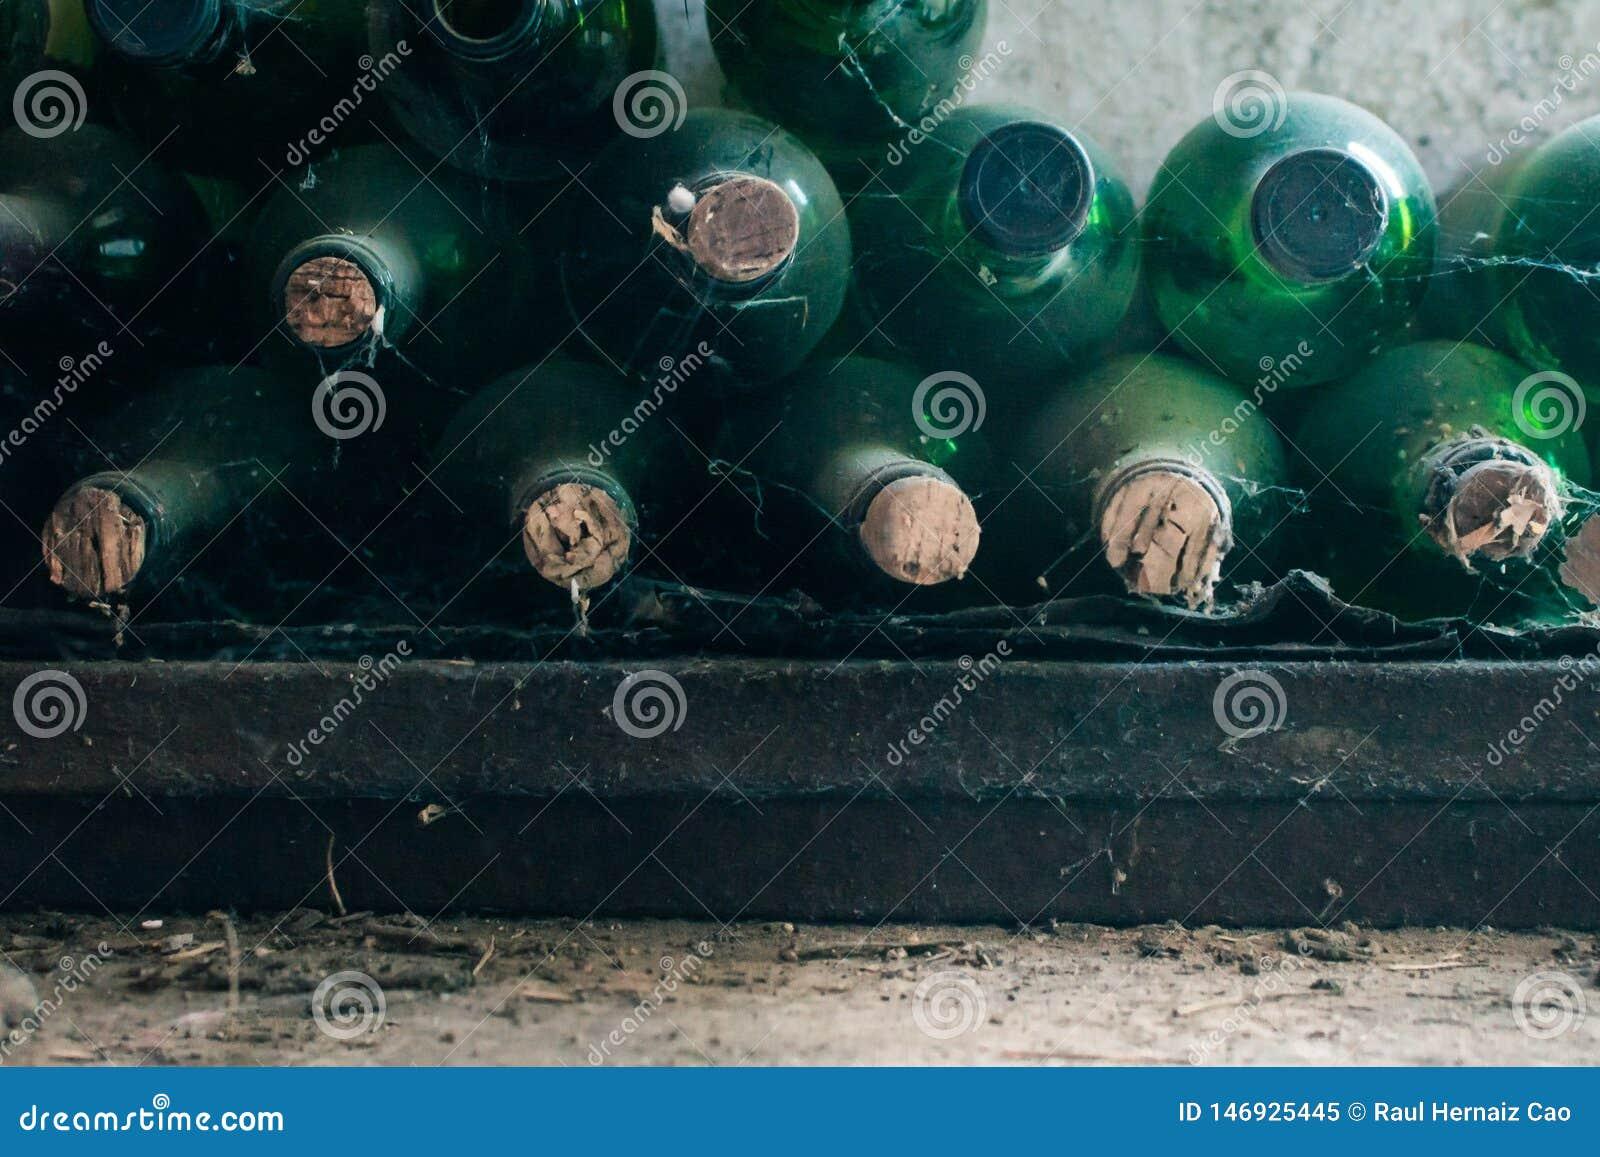 一些非常老和多灰尘的酒瓶在葡萄酒库里